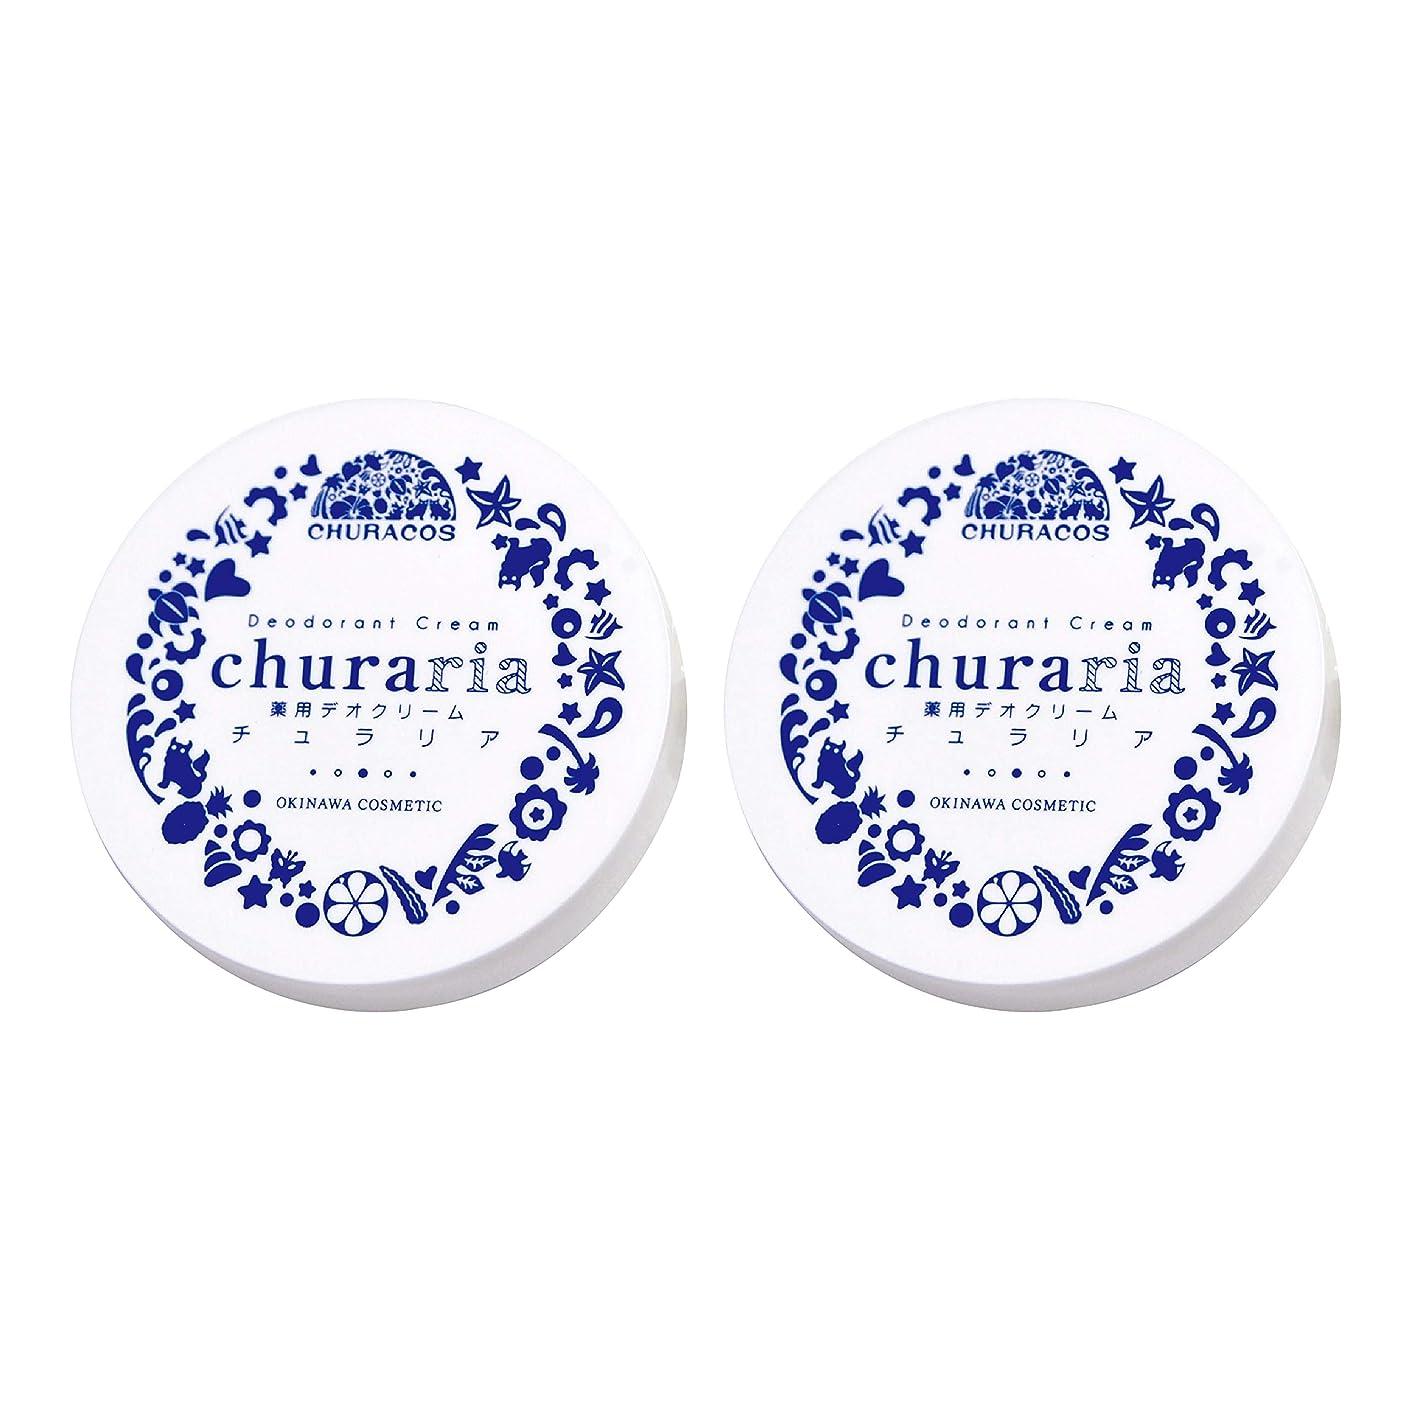 助言するさようなら妊娠したチュラコス 薬用デオドラントクリーム チュラリア 27g 制汗剤 わきが デリケート (2個)